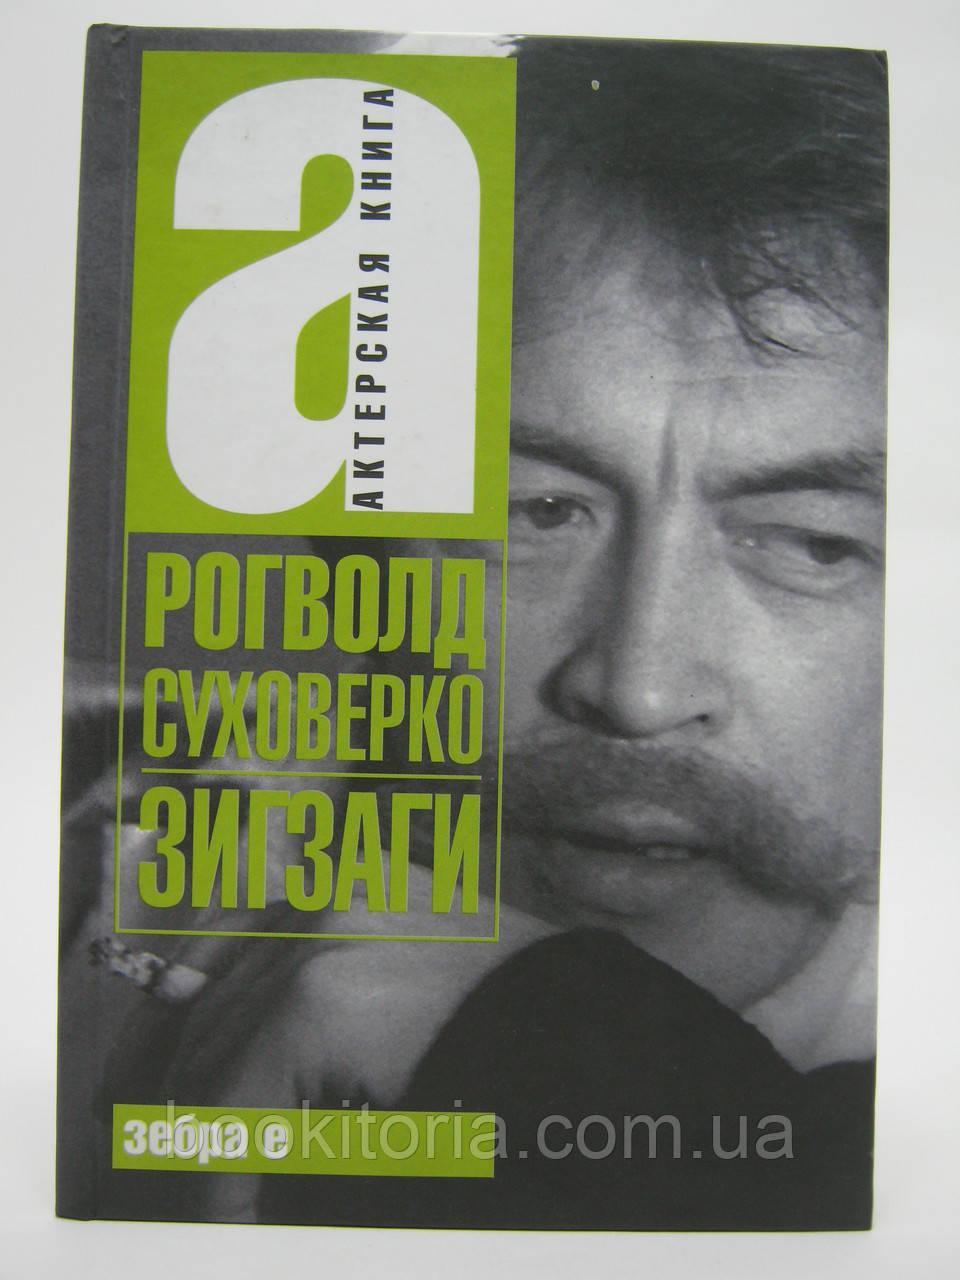 Суховерко Р. Зигзаги.